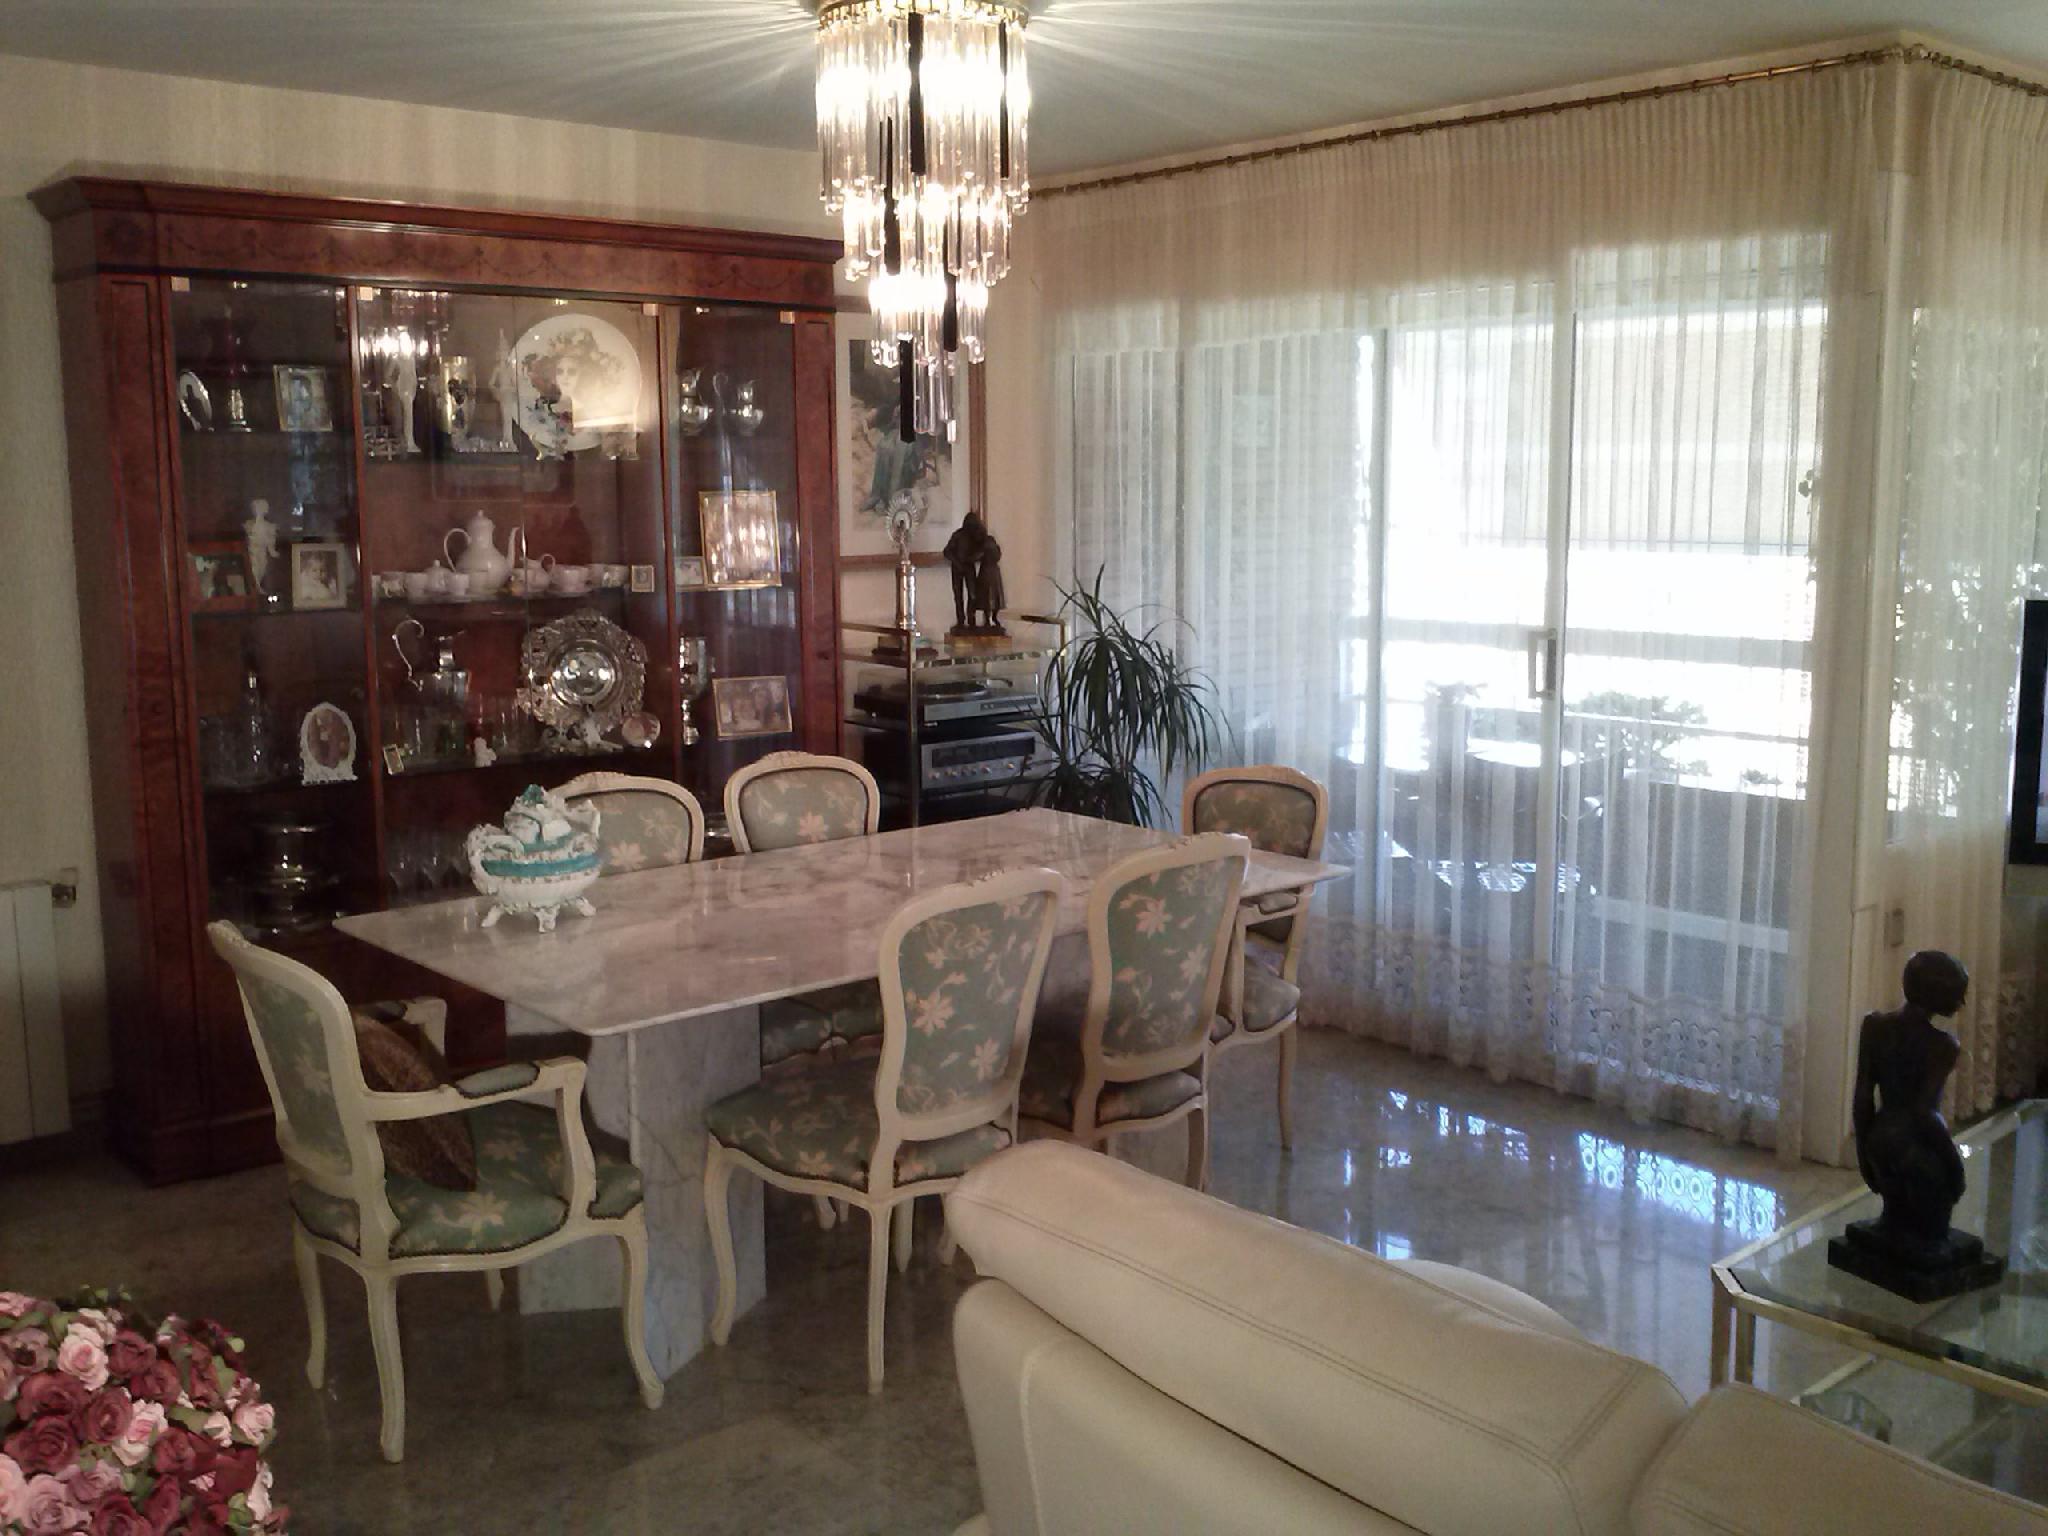 petit-appartement-de-vente-a-sabino-arana-avenida-diagonal-sant-ramon-a-barcelona-226418640